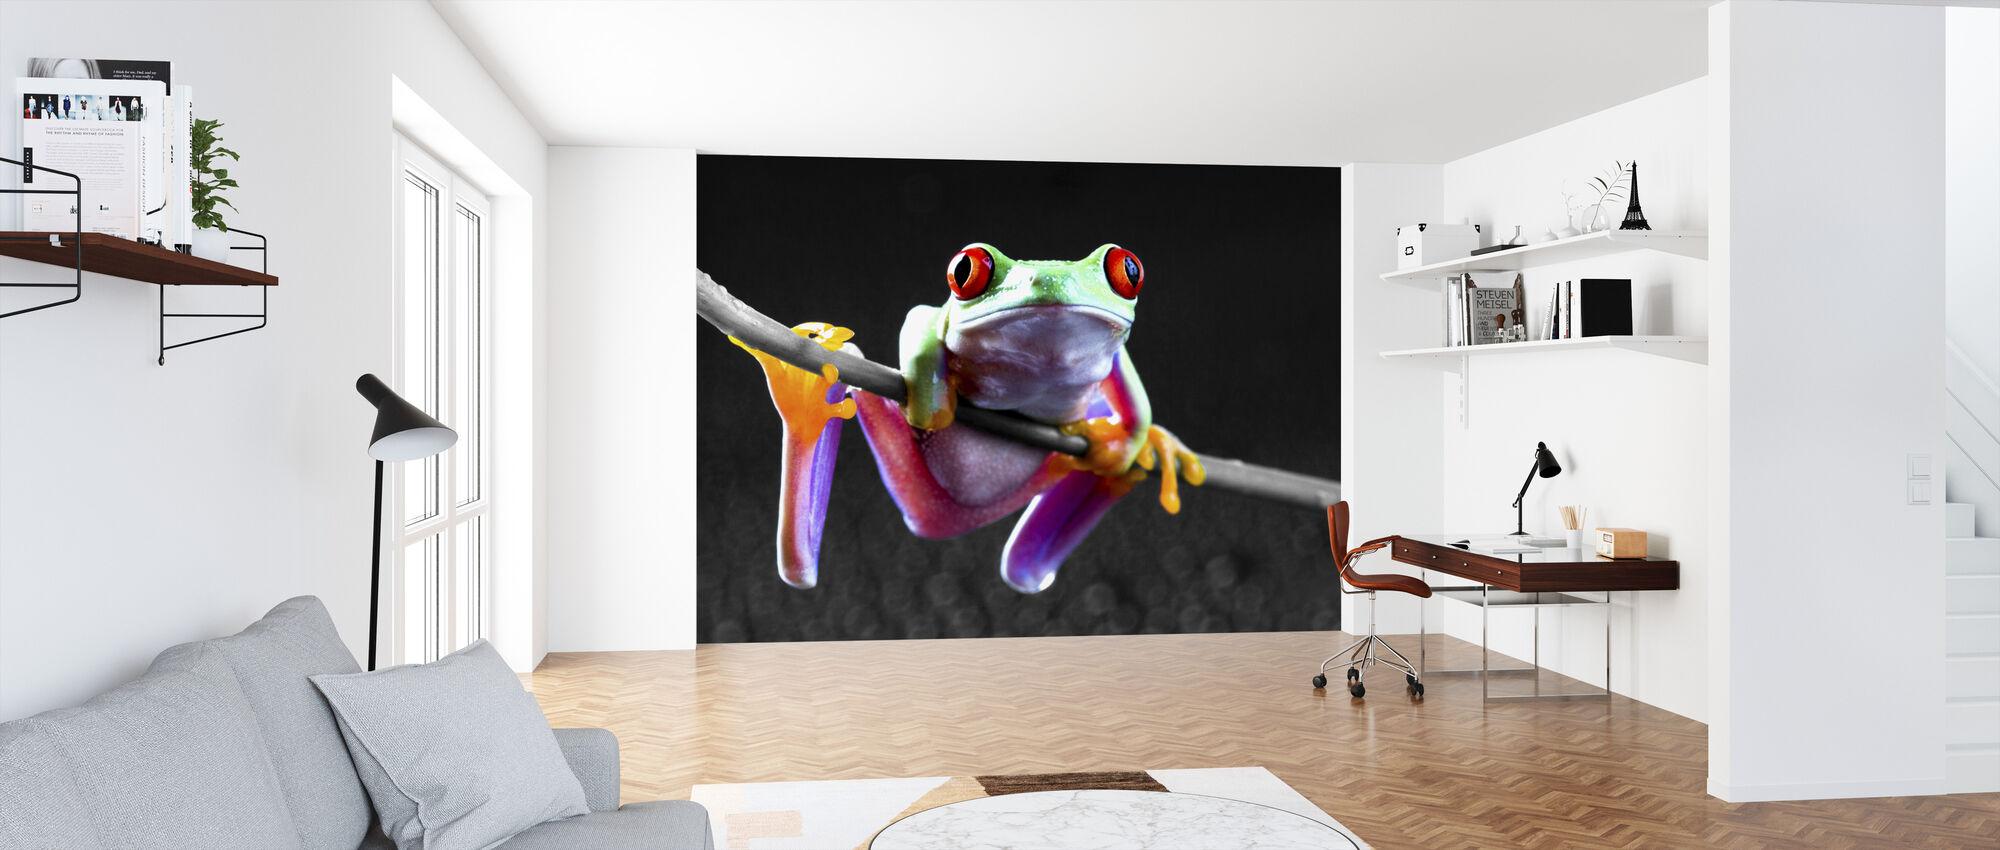 Red Frog - Colorsplash - Wallpaper - Office